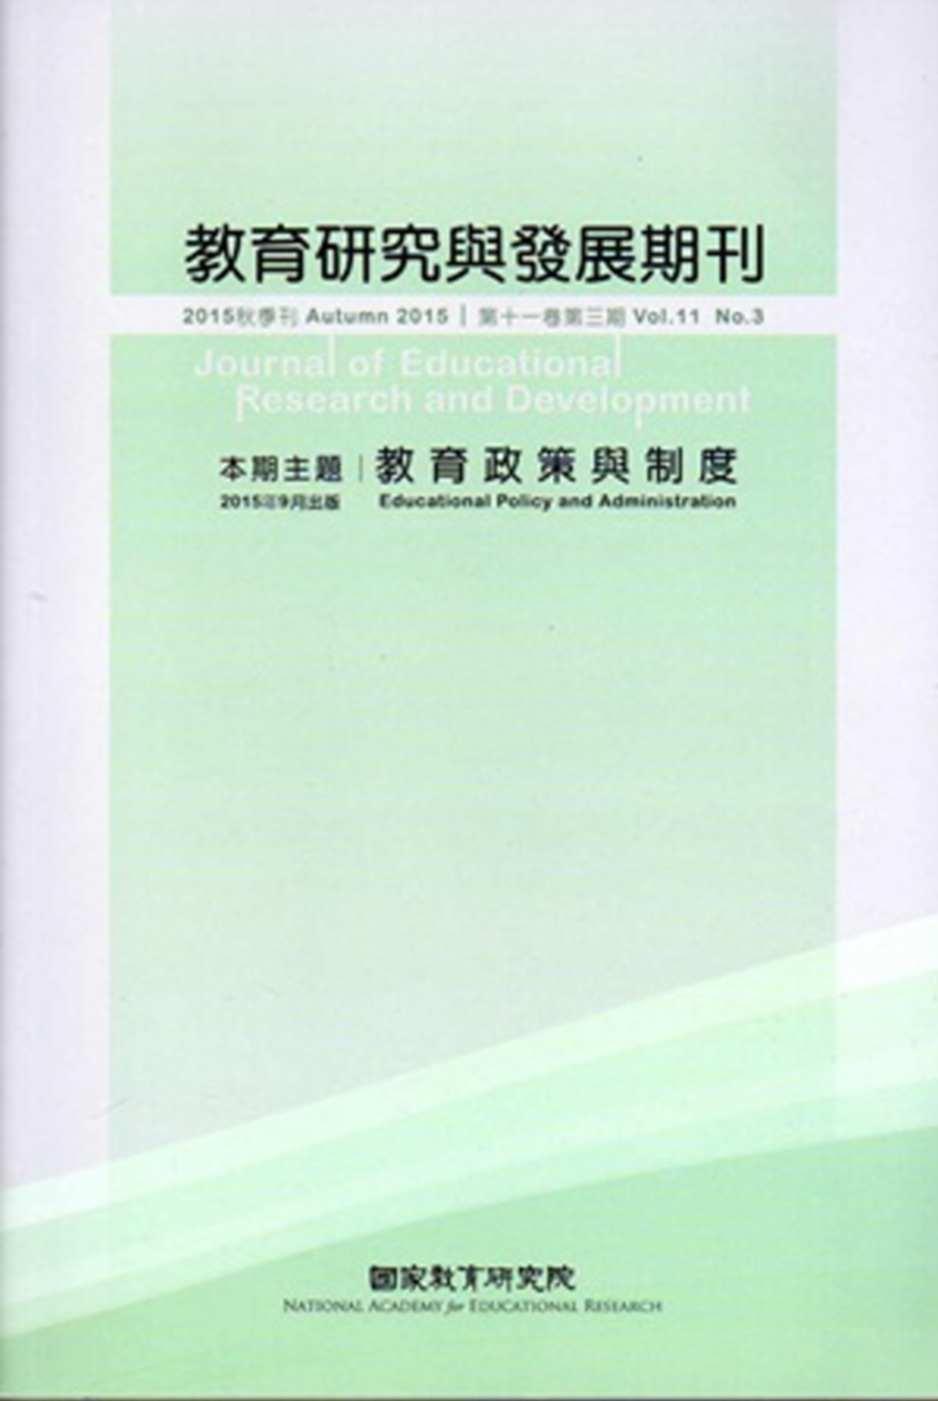 教育研究與發展期刊第11卷3期(104年秋季刊)